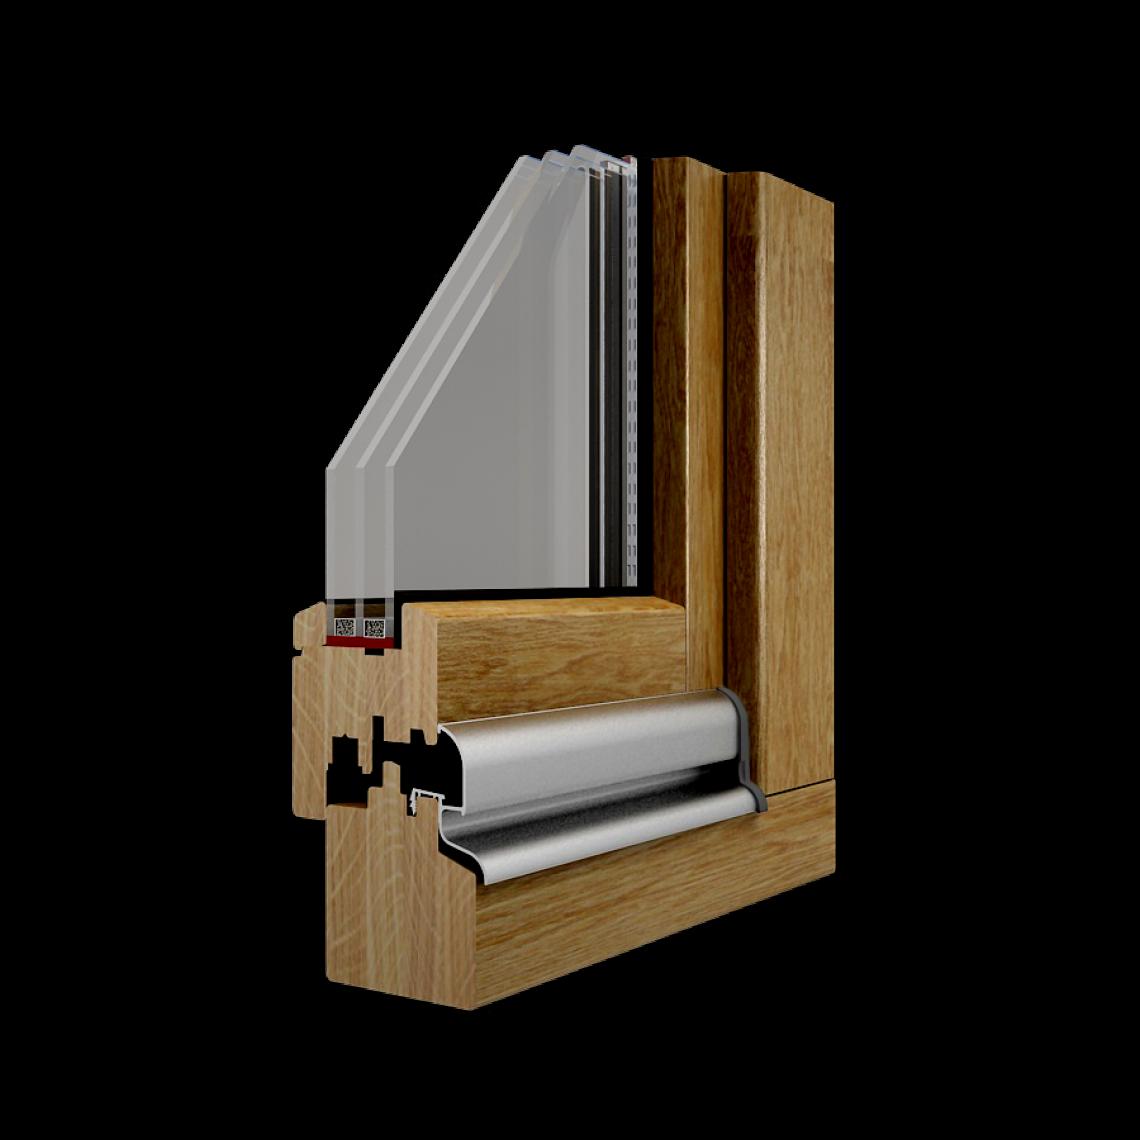 Fenêtre En Bois Thermo 78 Une Meilleure Isolation Thermique